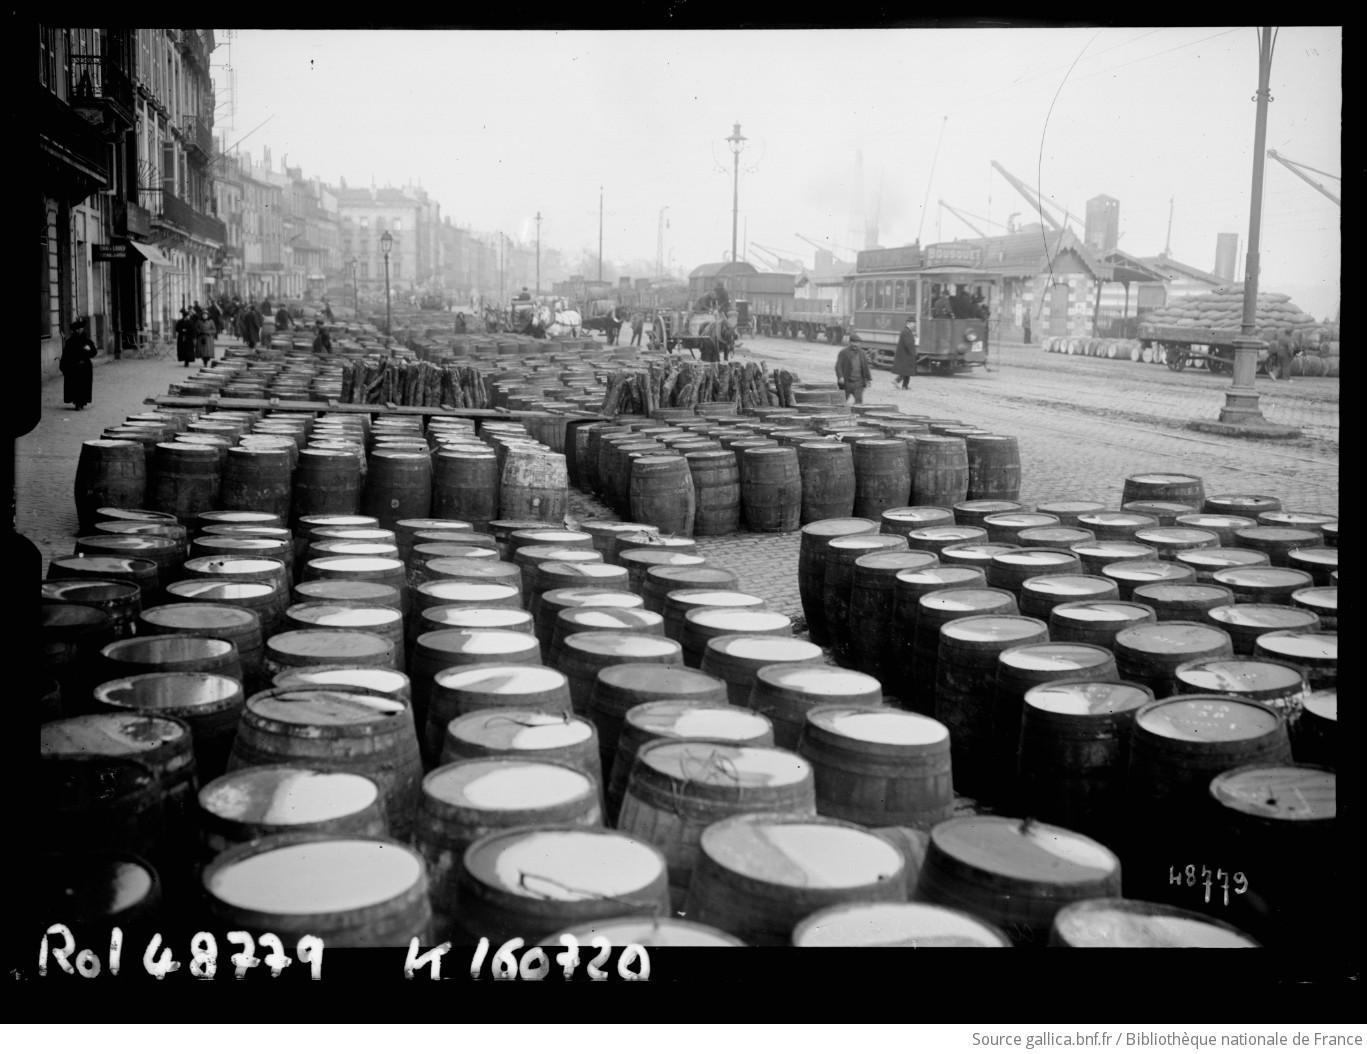 Les quais de Bordeaux [stockage de tonneaux] : [photographie de presse] / [Agence Rol] - 1